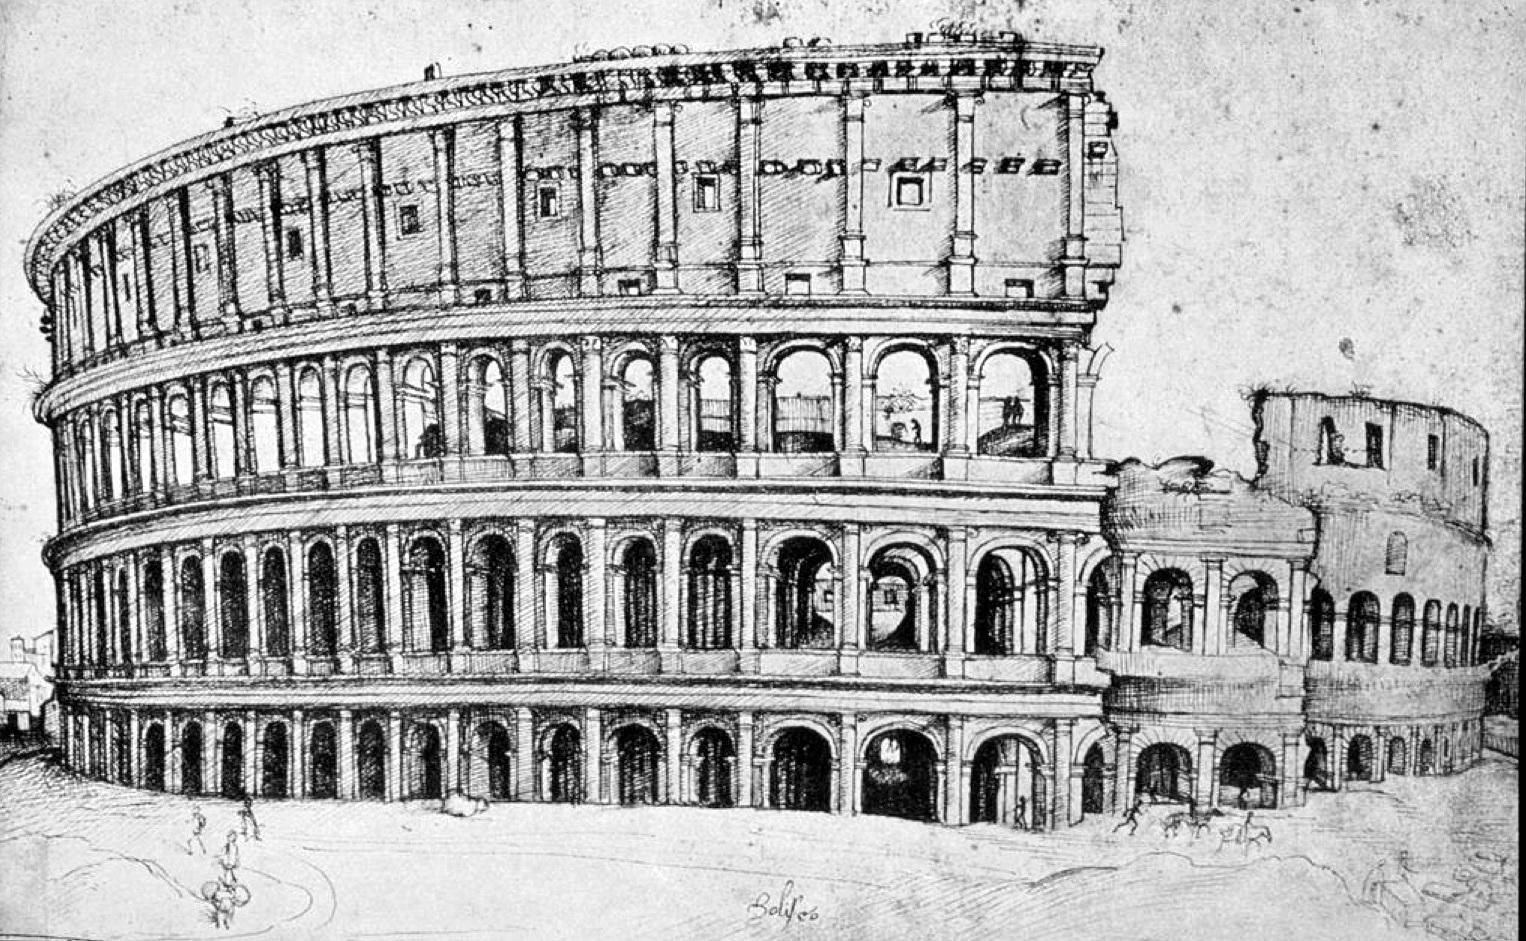 Algargos arte e historia caracter sticas de la for Arquitectos y sus obras